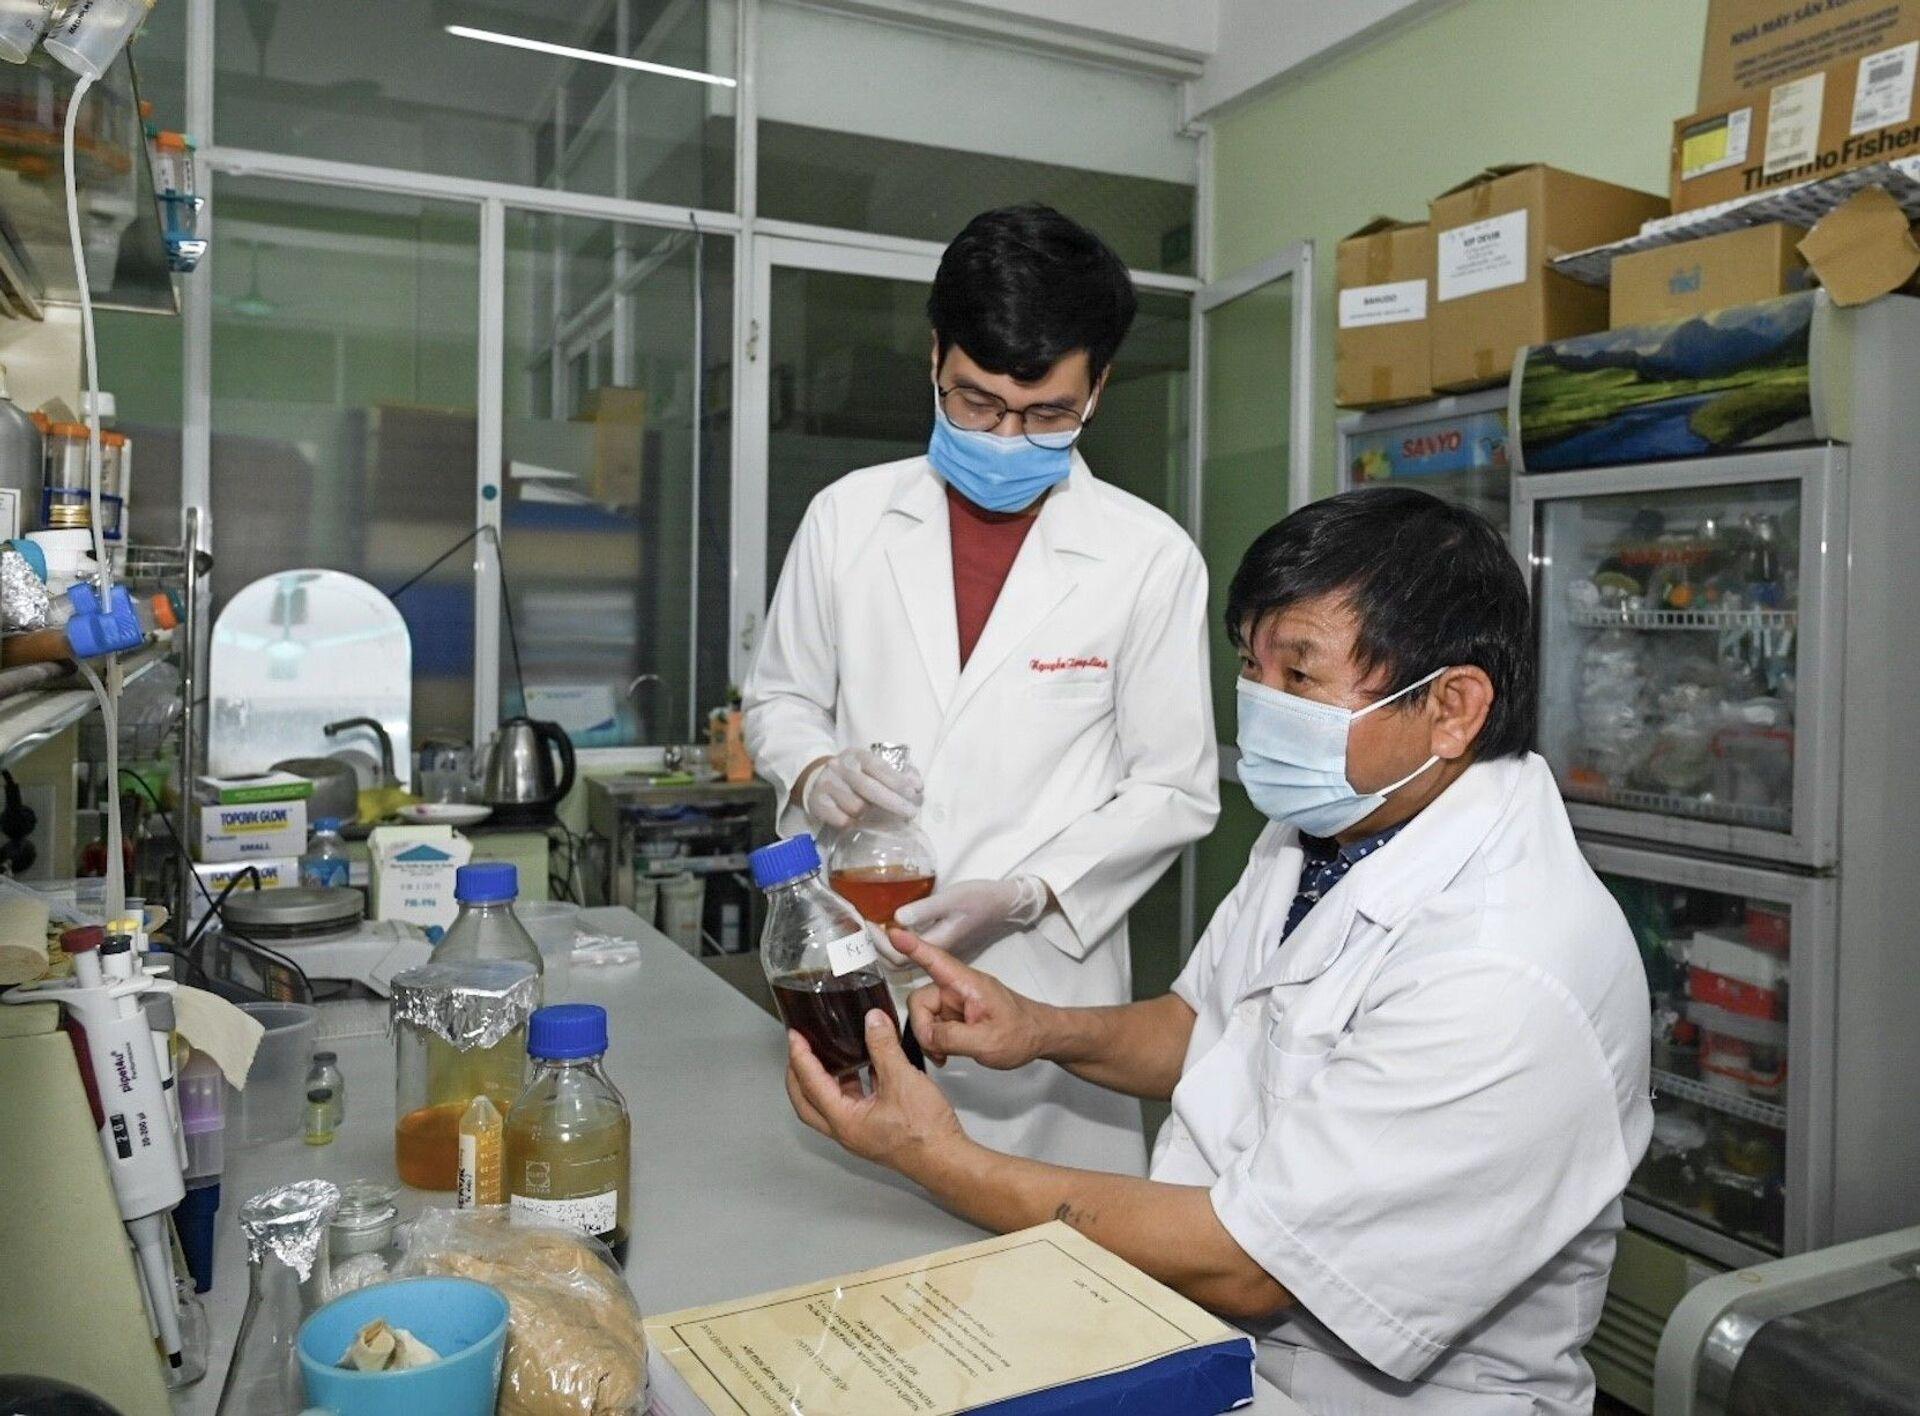 PGS.TS.Nghiên cứu viên cao cấp Lê Quang Huấn (bên phải) và cộng sự nghiên cứu thuốc điều trị Covid-19 - Sputnik Việt Nam, 1920, 05.10.2021